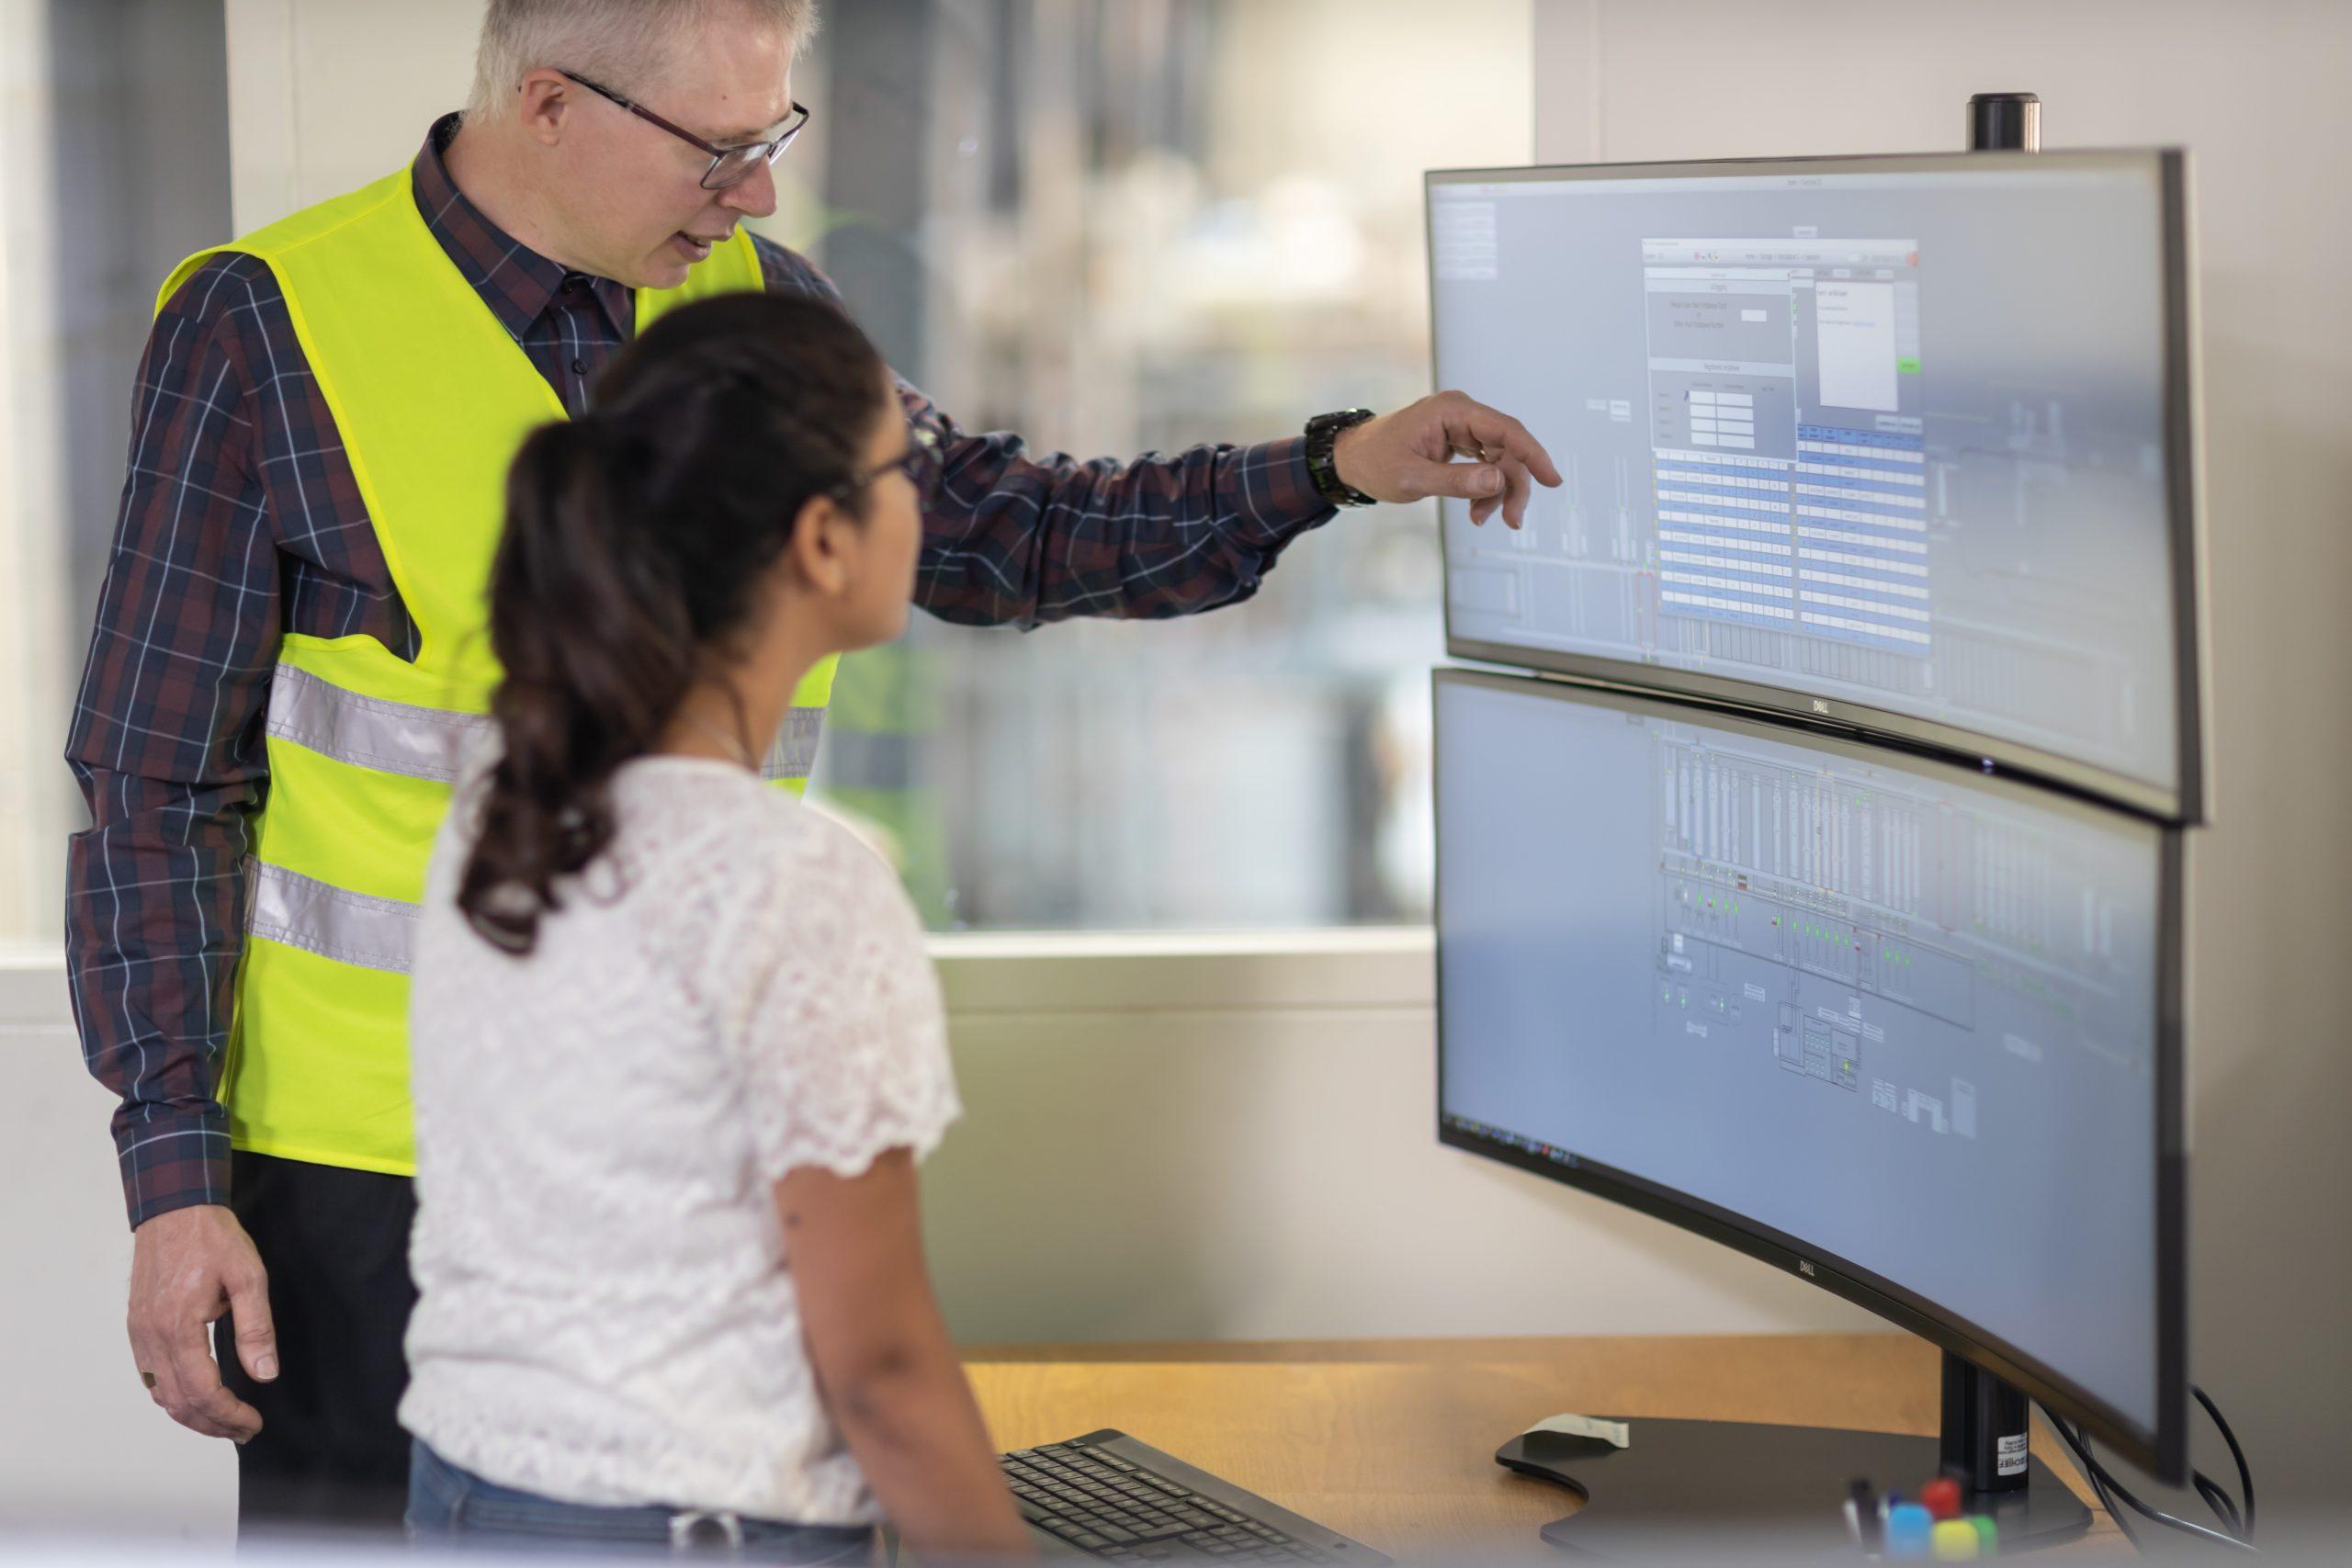 Über Simatic WinCC haben die Mitarbeiter Zugriff sowohl auf alle Chargen- und Instandhaltungsdaten und können etwa Instandhaltungsaufträge nach Priorität vergeben. (Bild: Siemens AG)